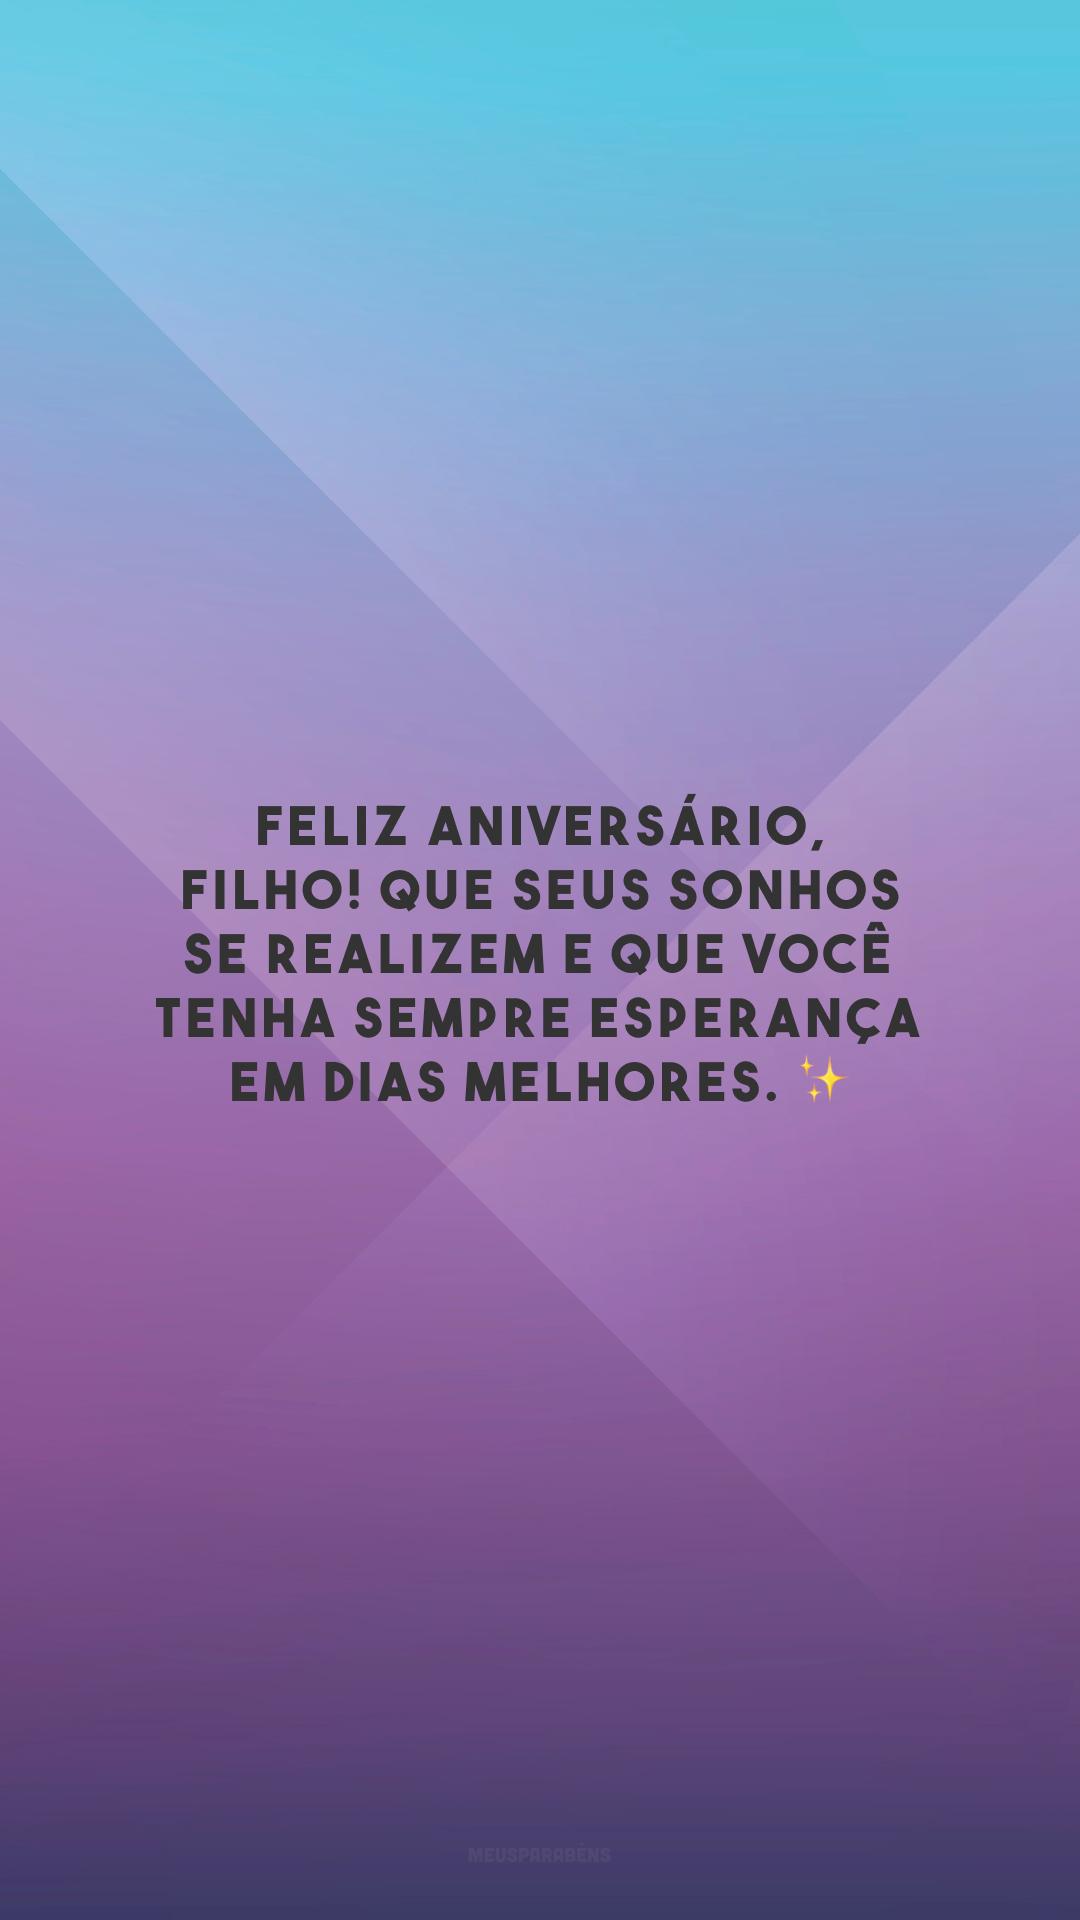 Feliz aniversário, filho! Que seus sonhos se realizem e que você tenha sempre esperança em dias melhores. ✨